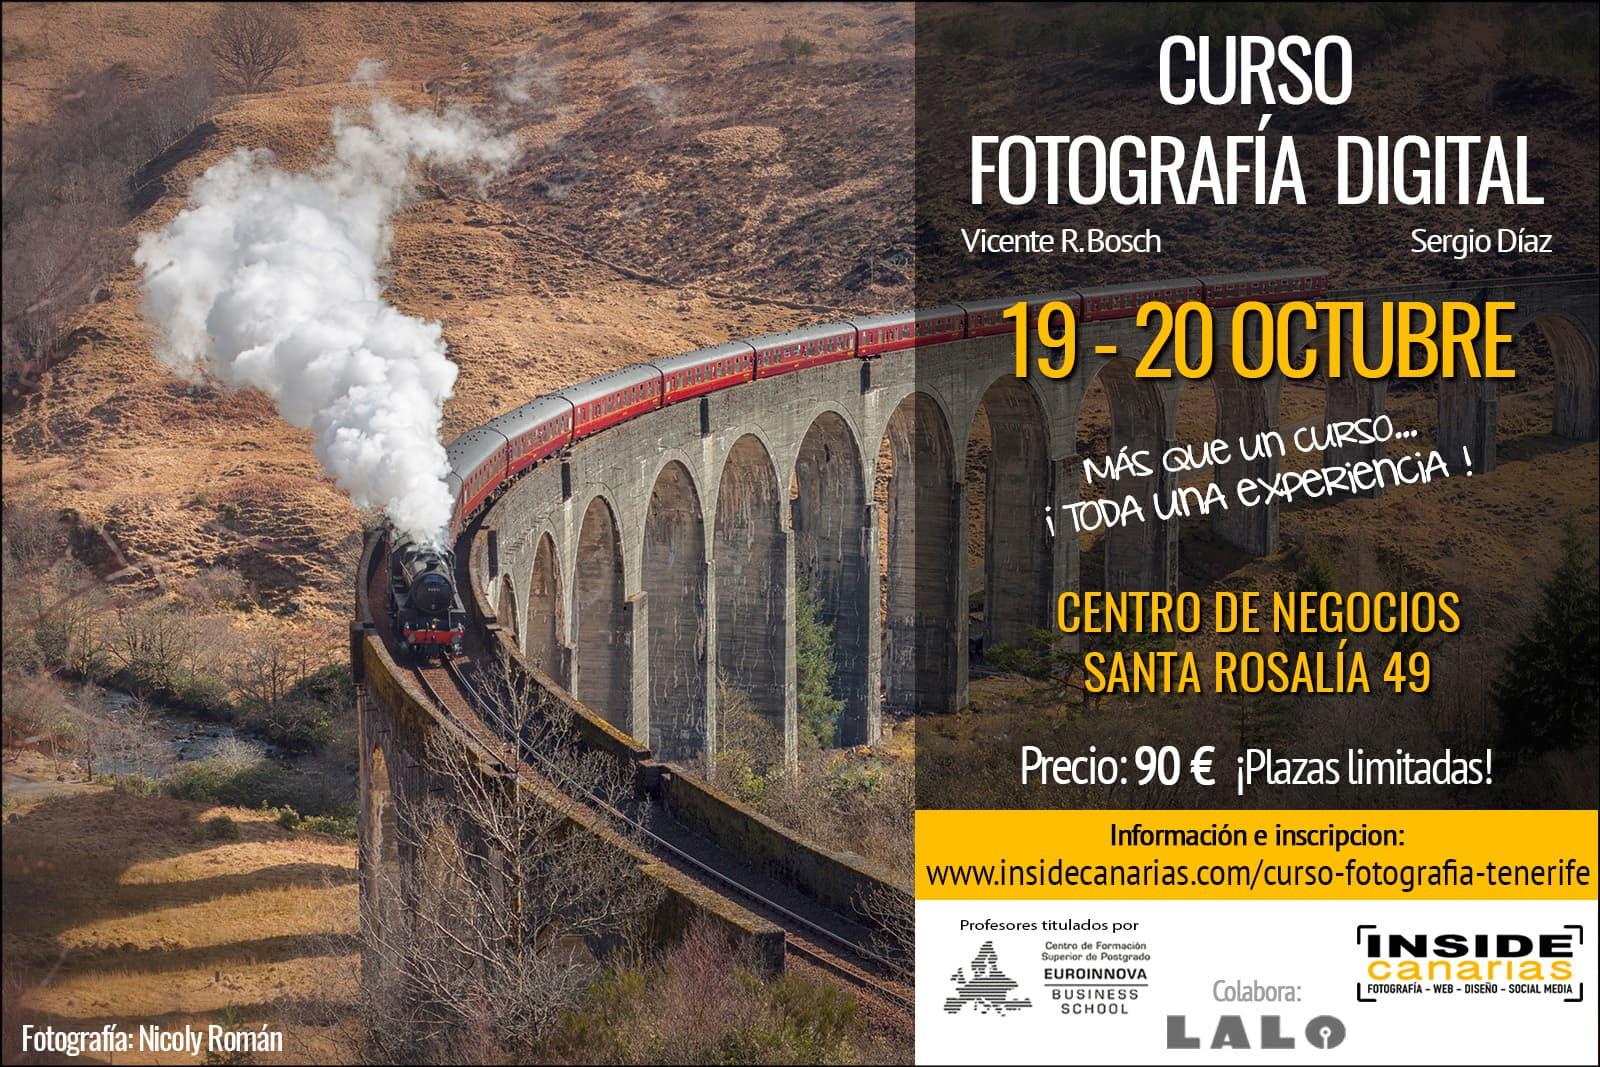 Curso fotografía en Tenerife